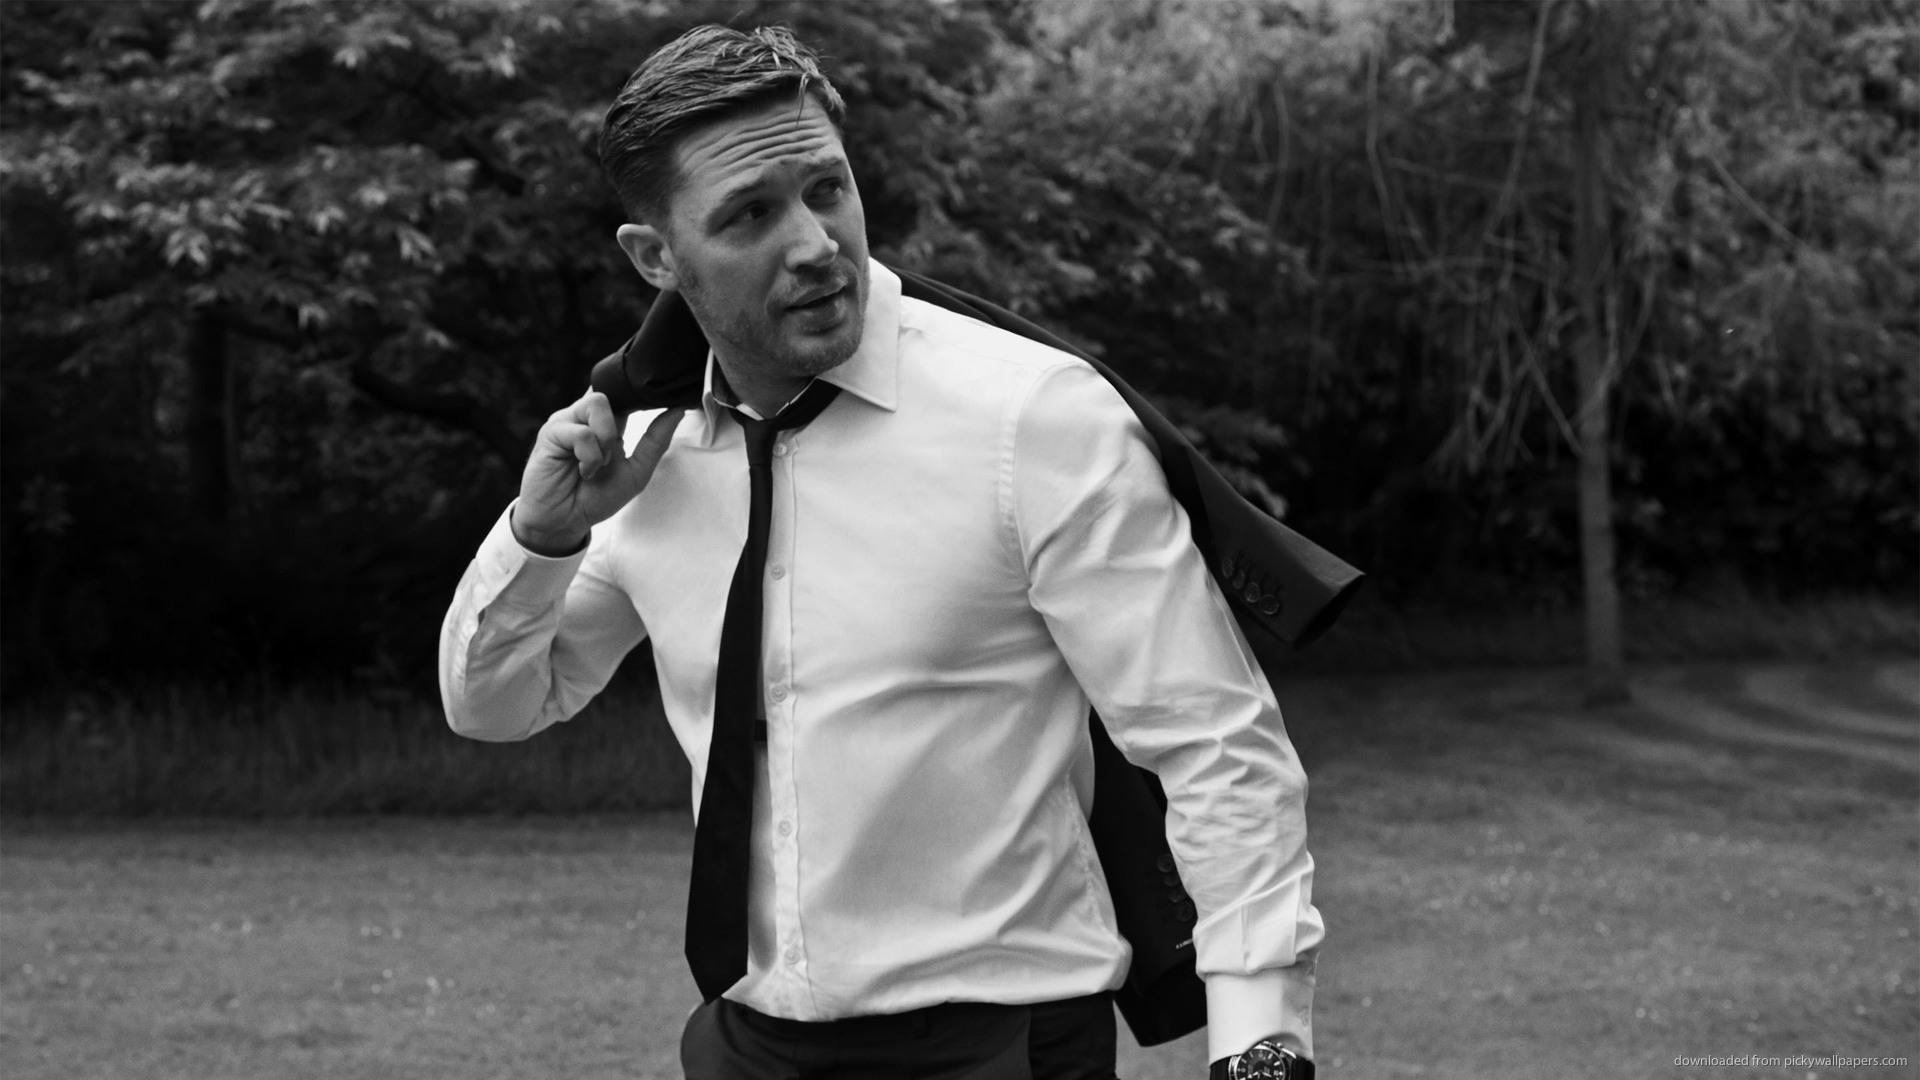 tom hardy wearing white shirt - Kto zagrałby w moim filmie?